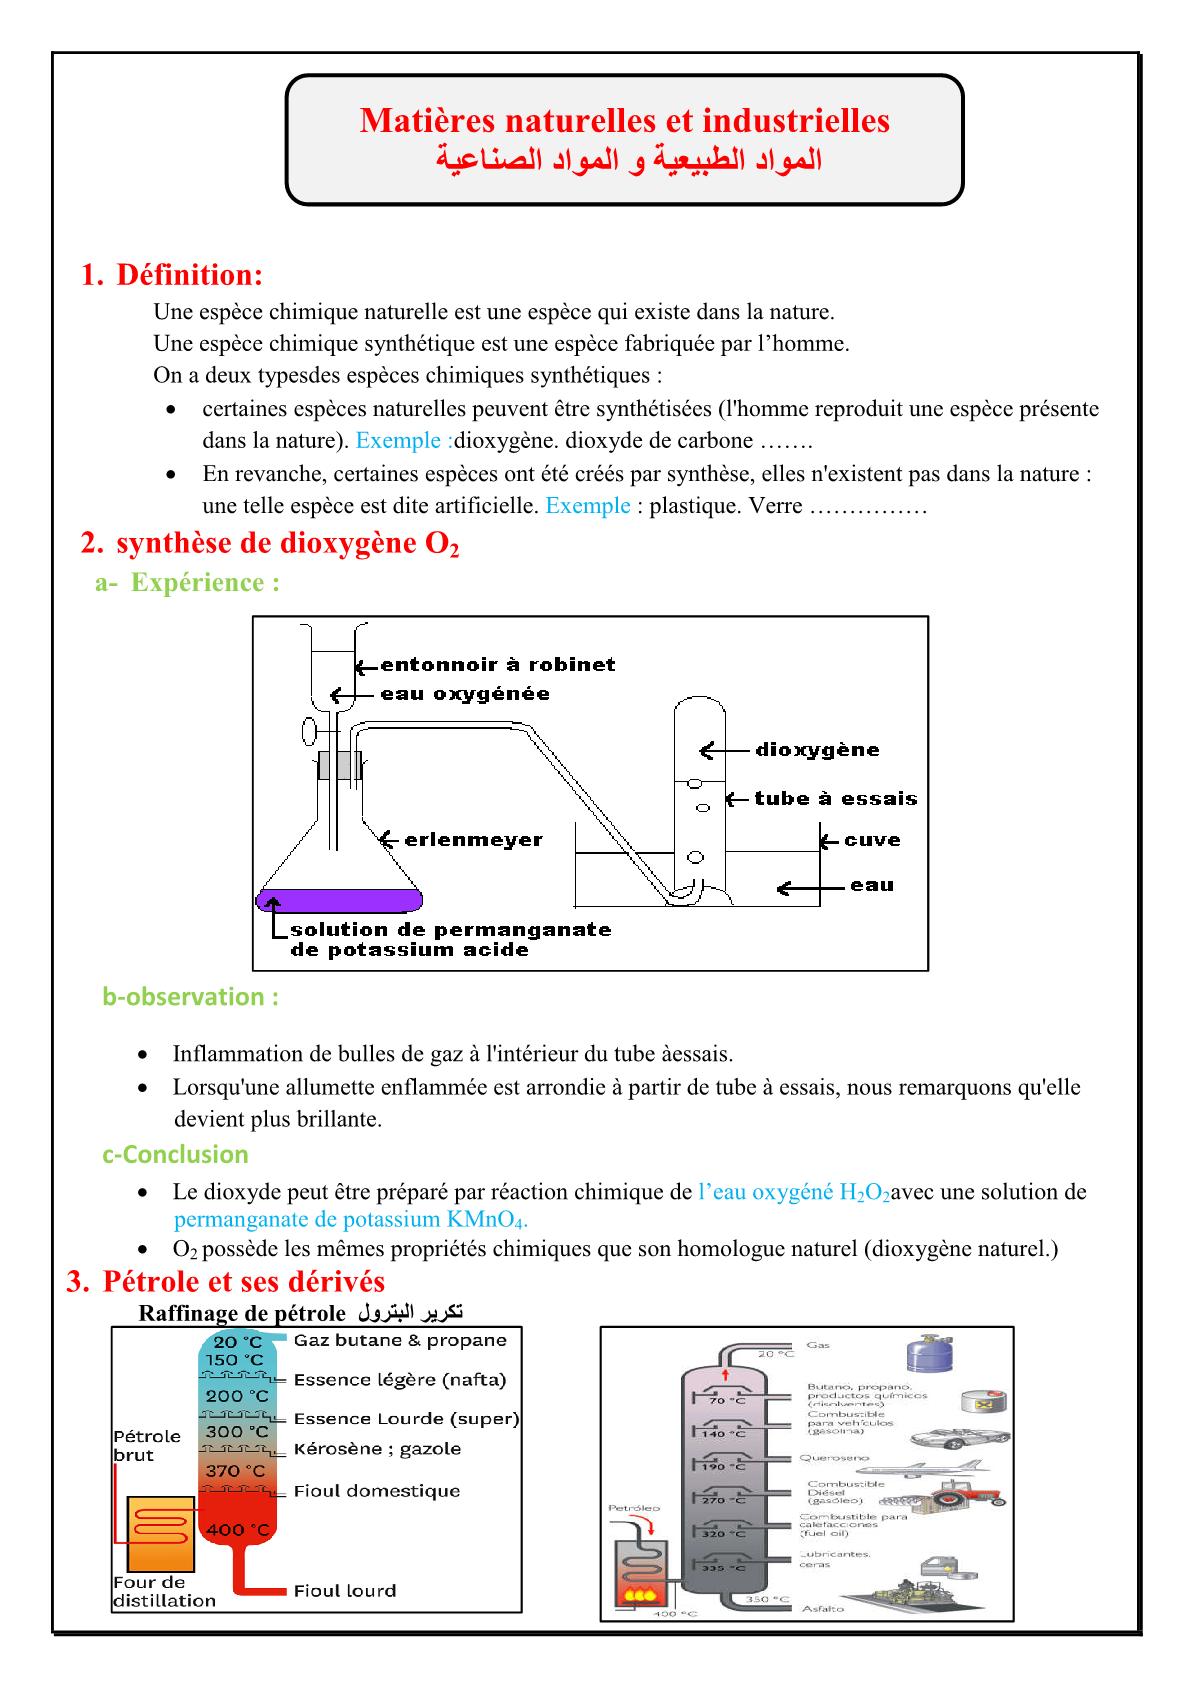 درس Les substances naturelles et synthétiques للسنة الثانية اعدادي